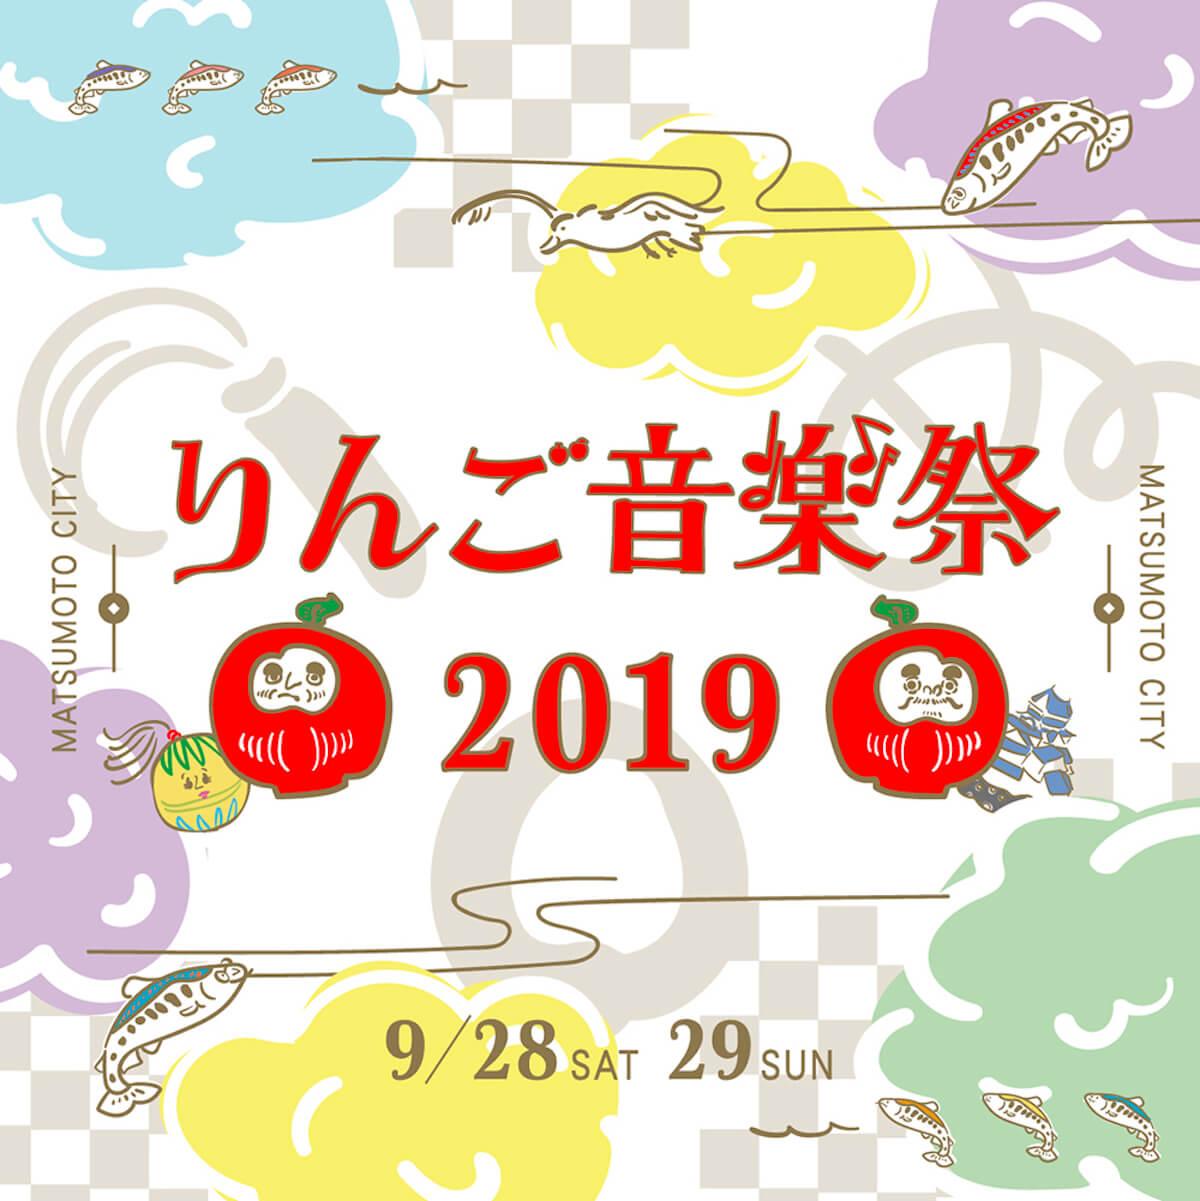 <りんご音楽祭 2019>にjan and naomi、AAAMYYY、大比良瑞希ら16組が追加出演決定!日割りも一部発表 music190619_ringoongakusai_main